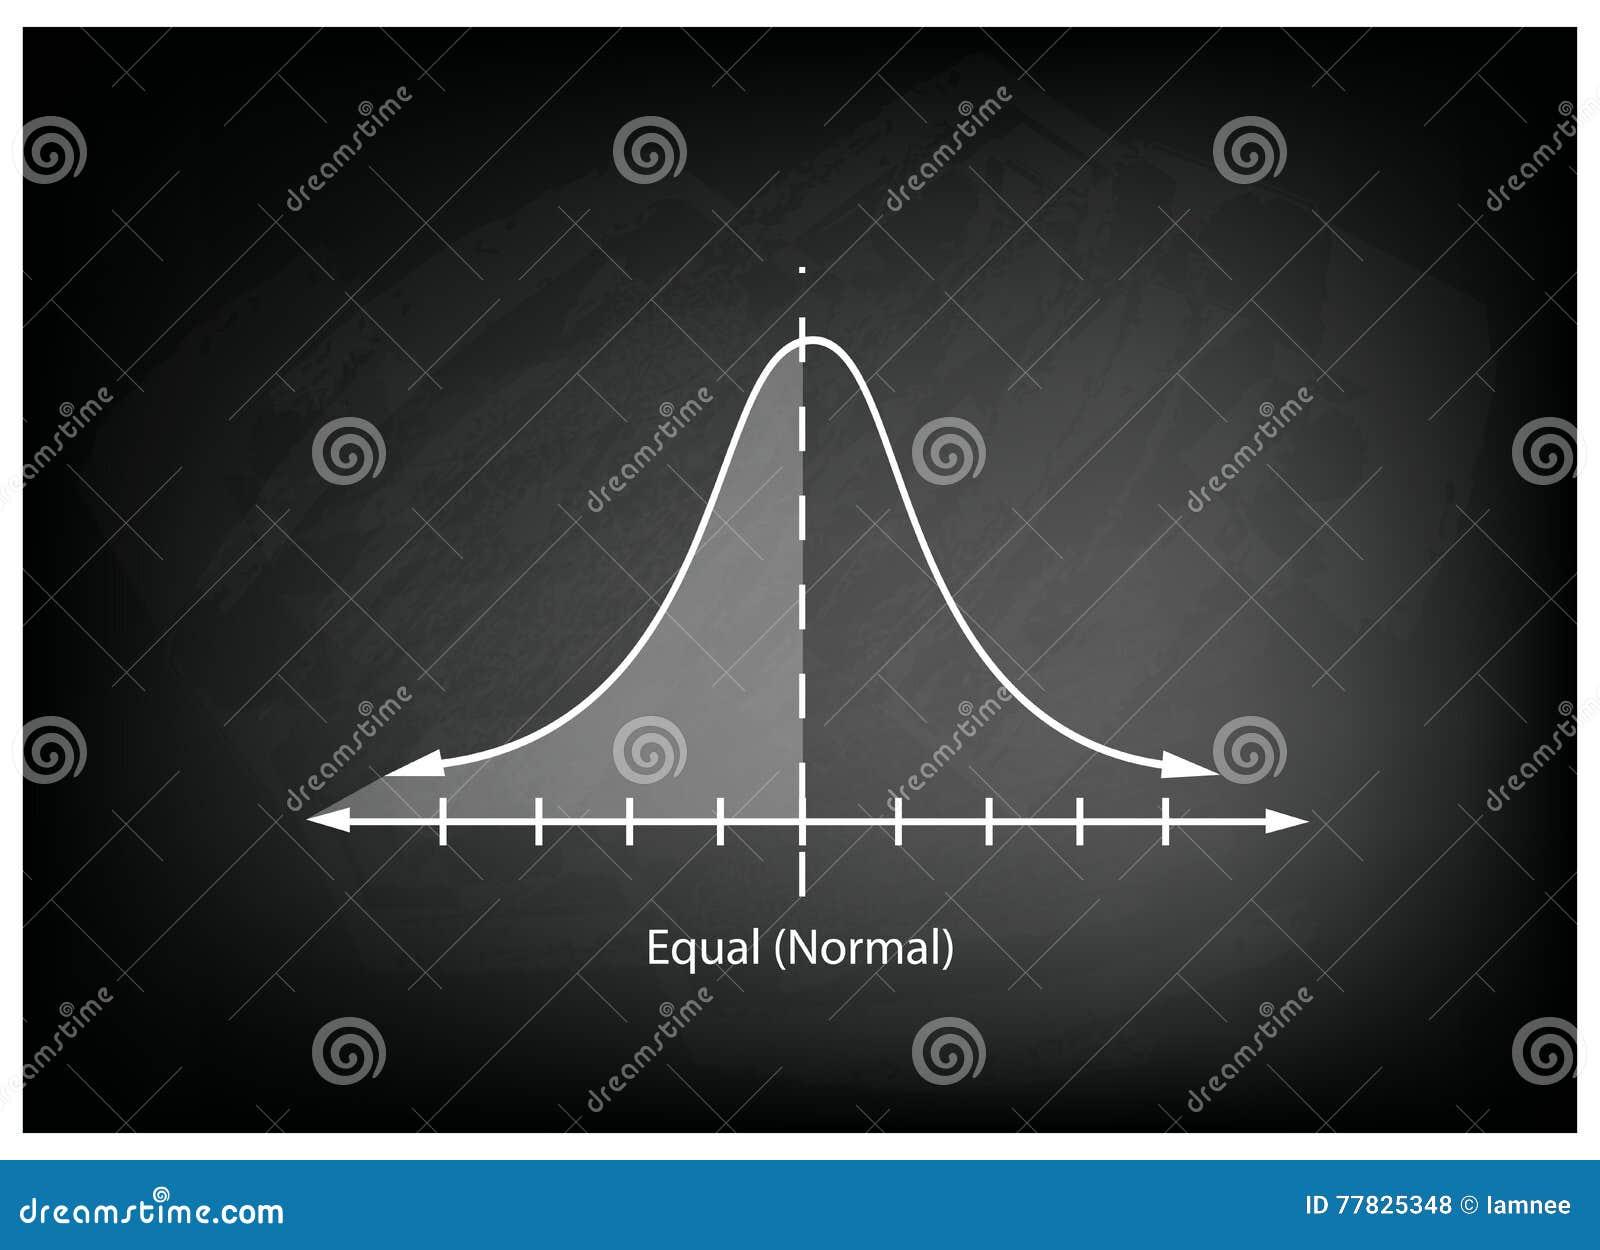 Diagram för normal fördelning eller Gaussian Klocka kurva på den svart tavlan